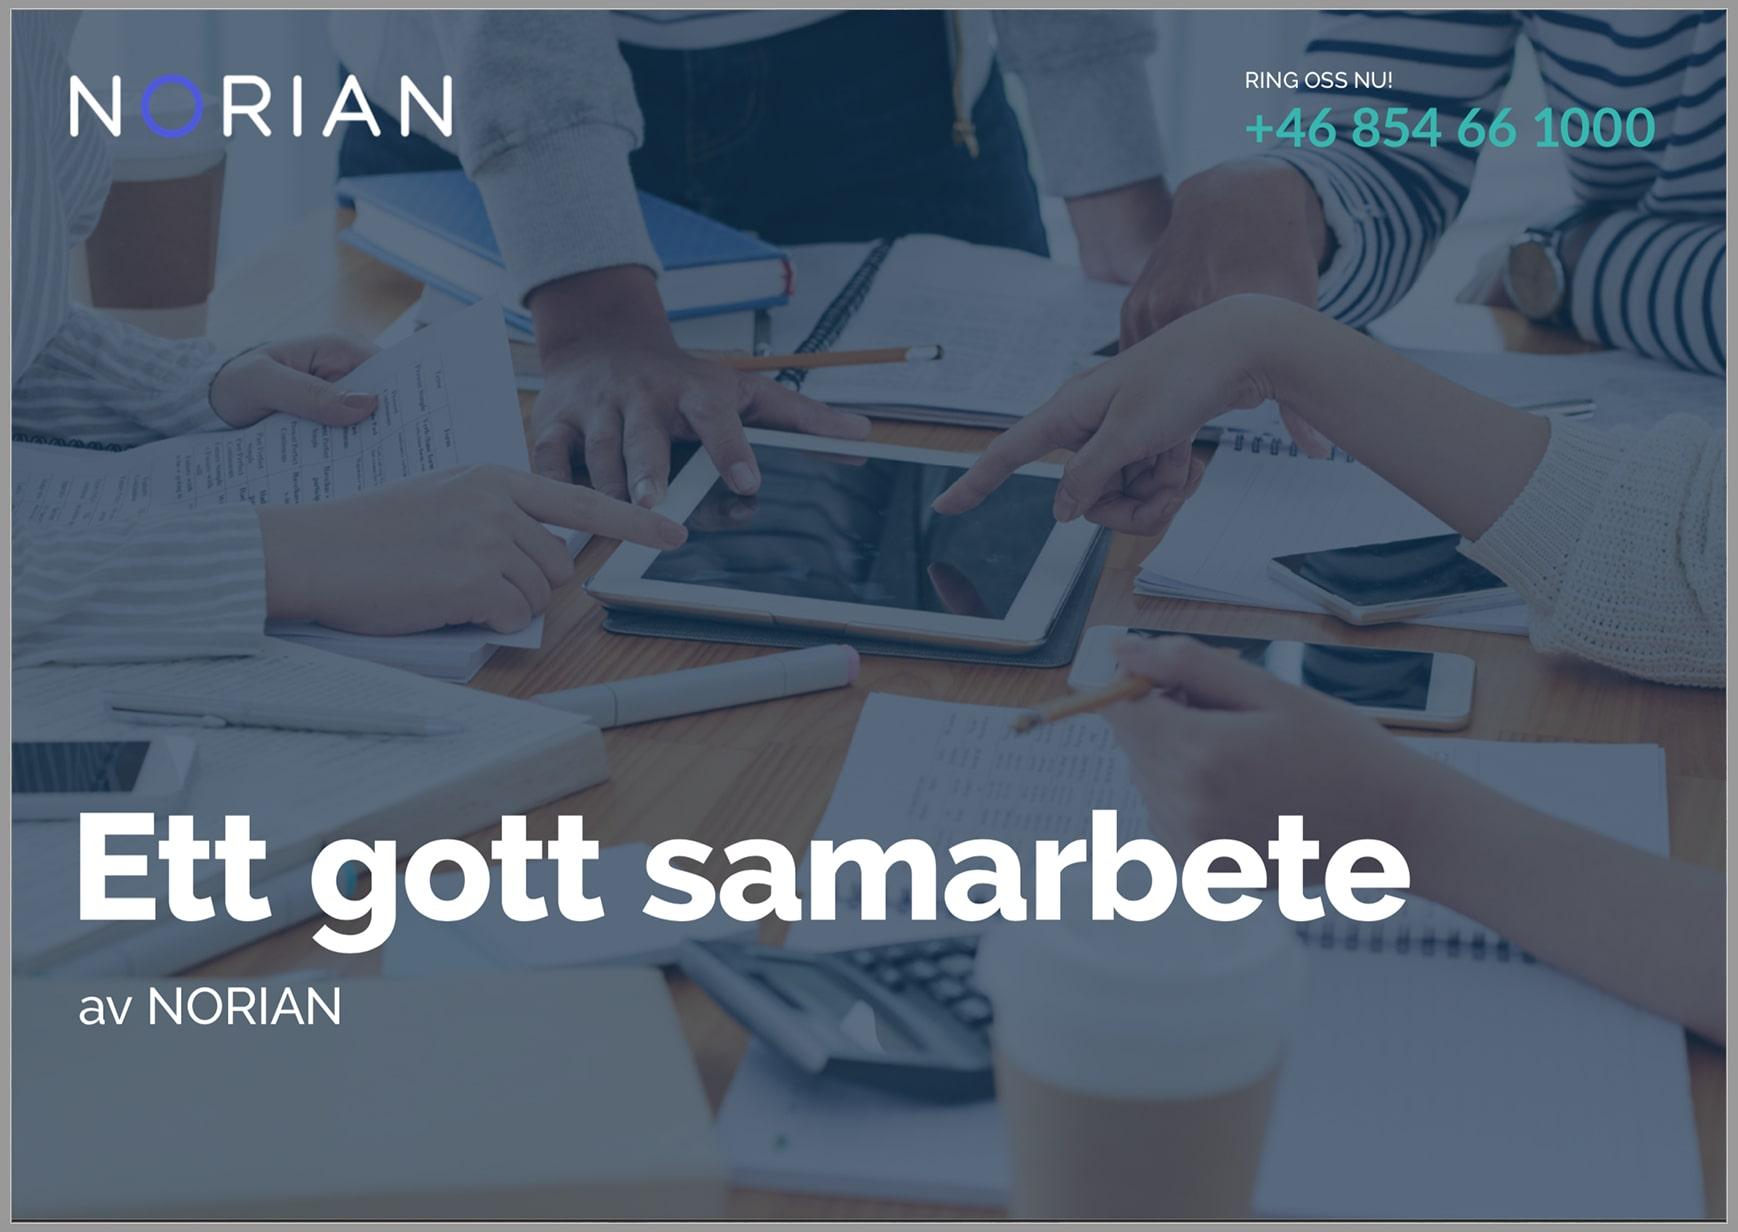 ett_gott_samarbete_pic-image